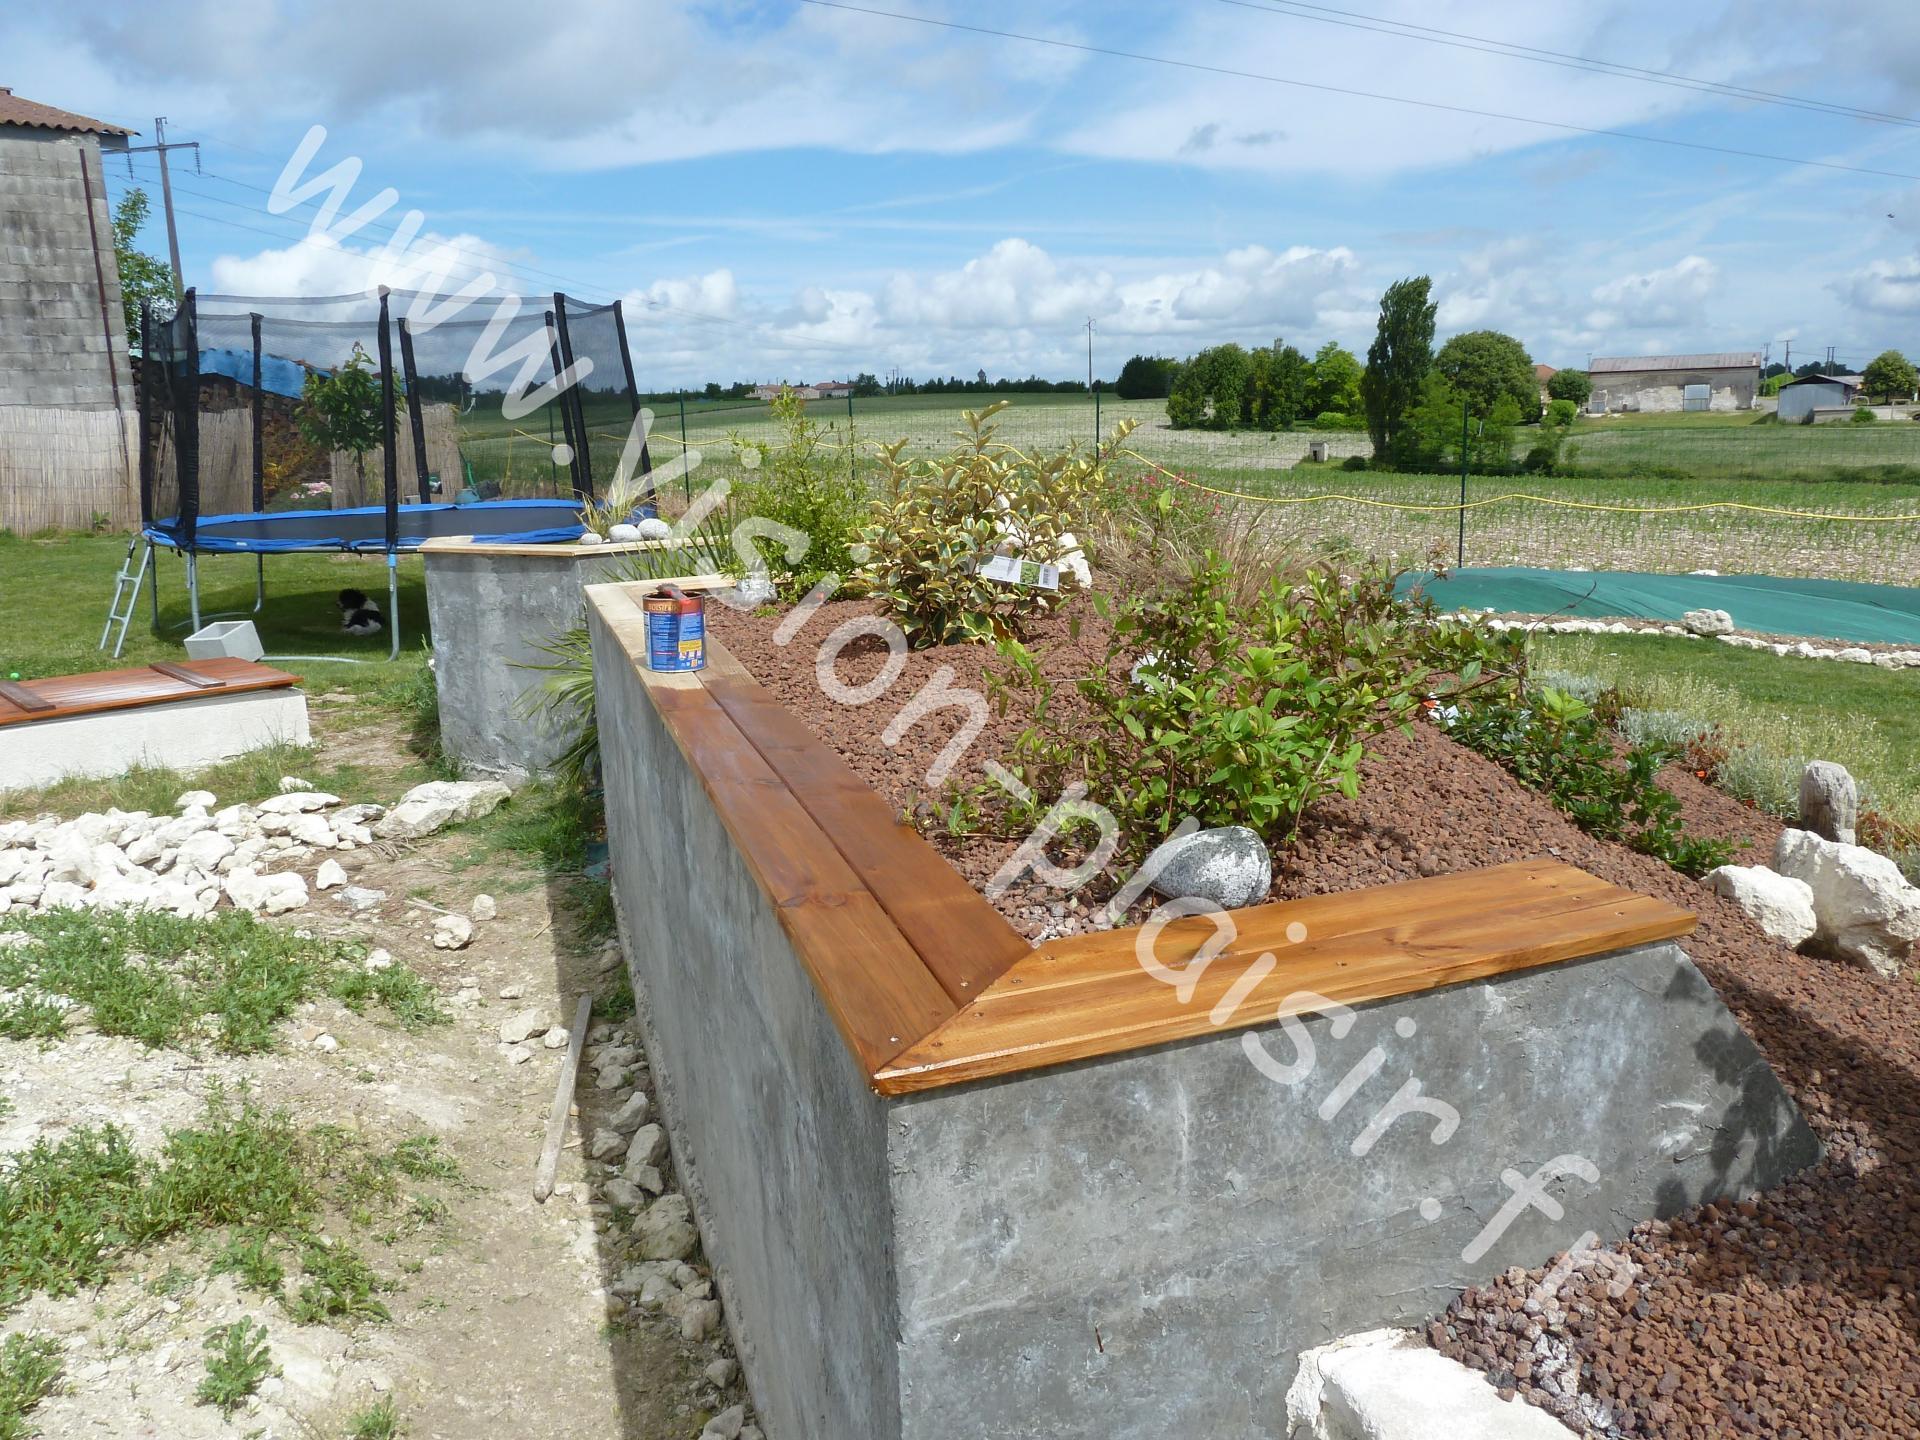 Blog de vision plaisir piscine hors sol semi enterr e for Achat piscine hors terre